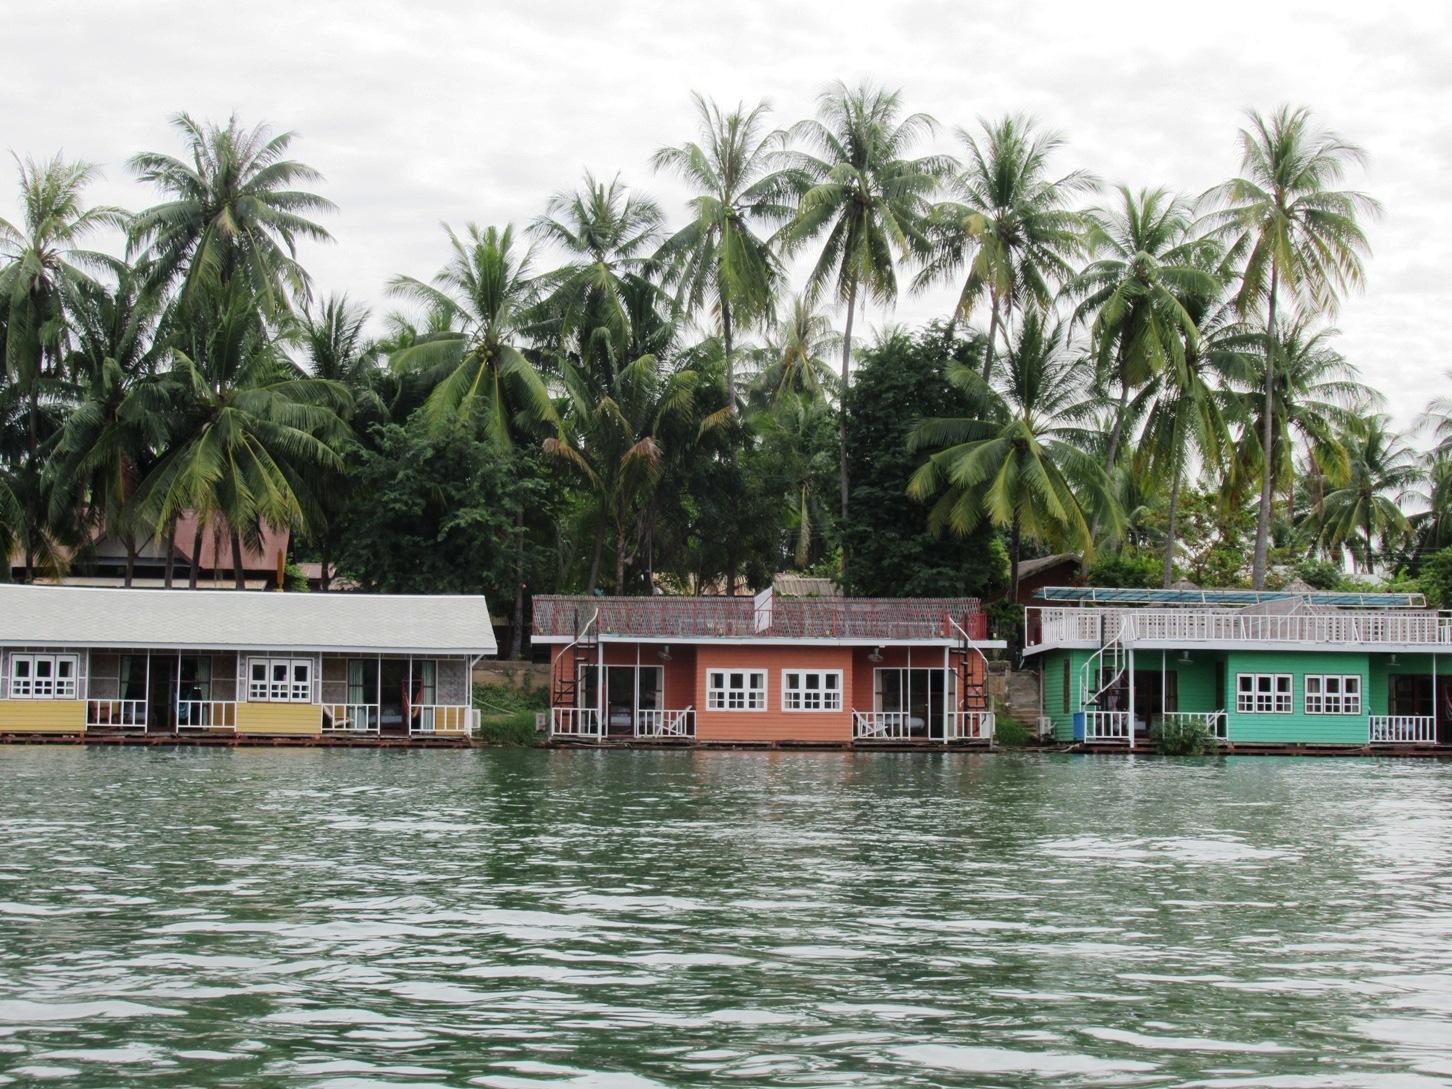 2019-12-laos-si-phan-don-barco-nakasang-a-don-khone-2